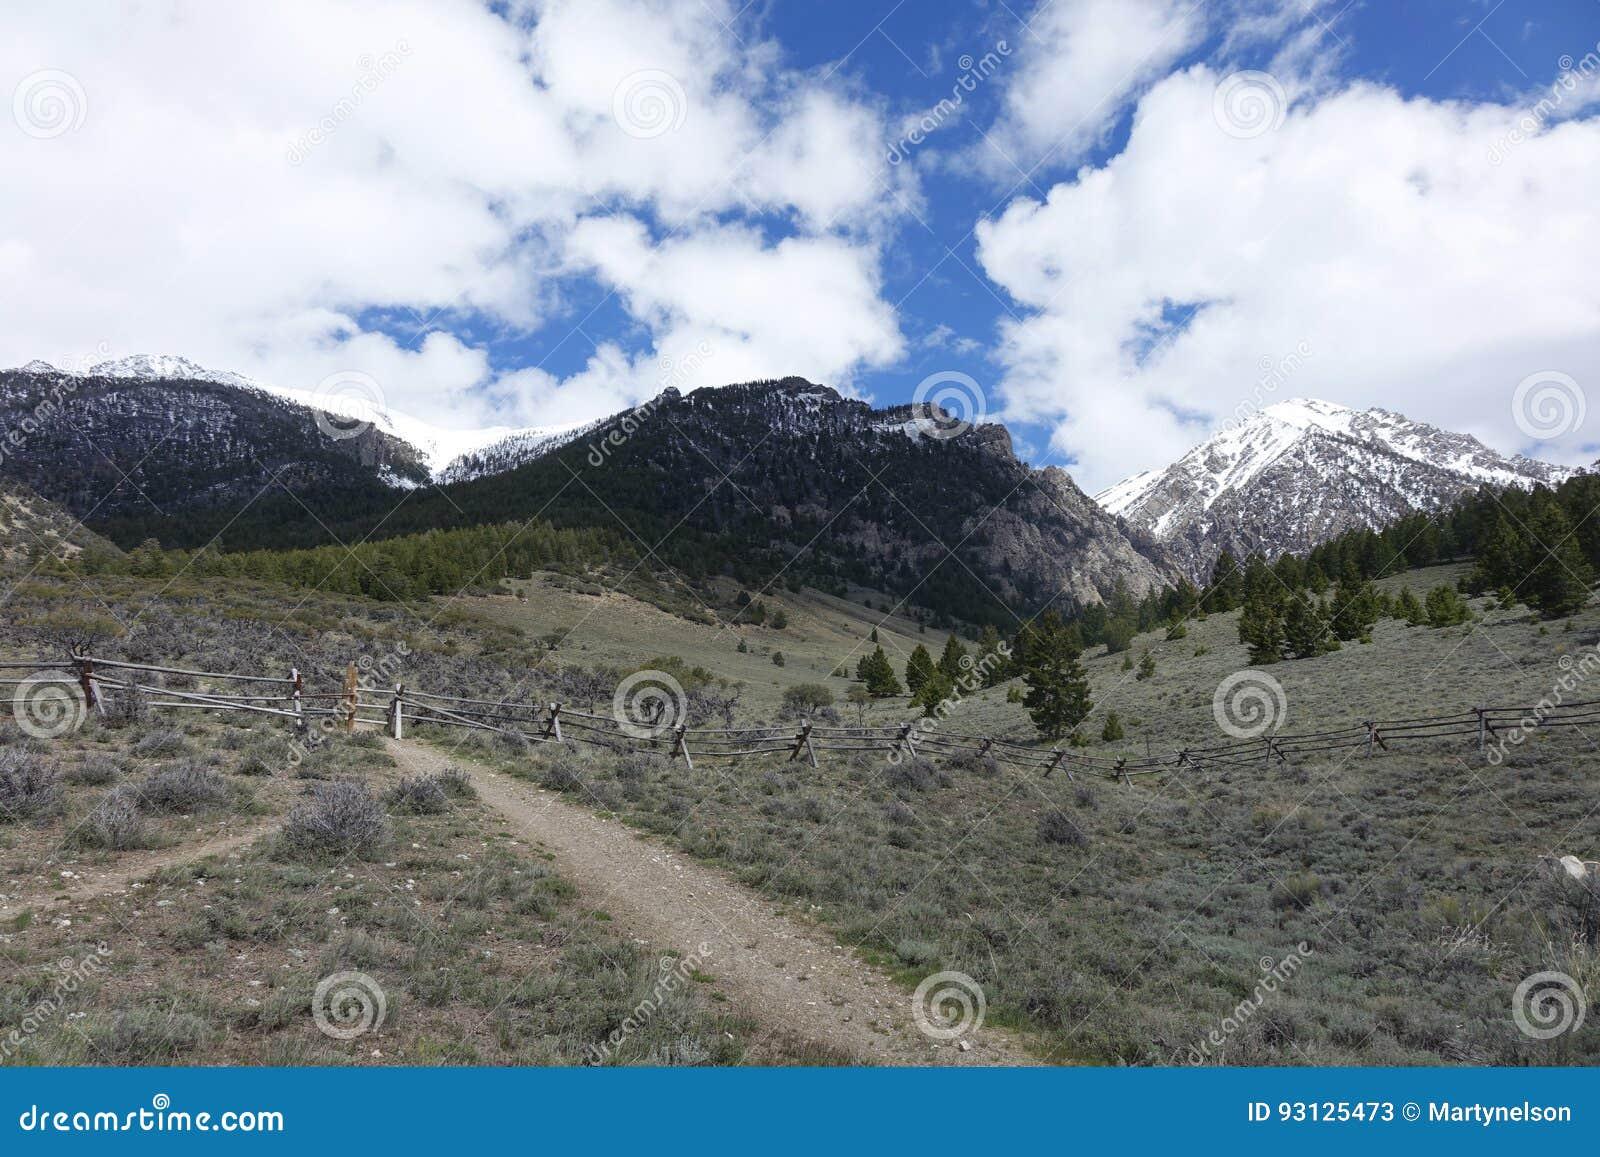 Rastro-cabeza para subir el Mt Borah